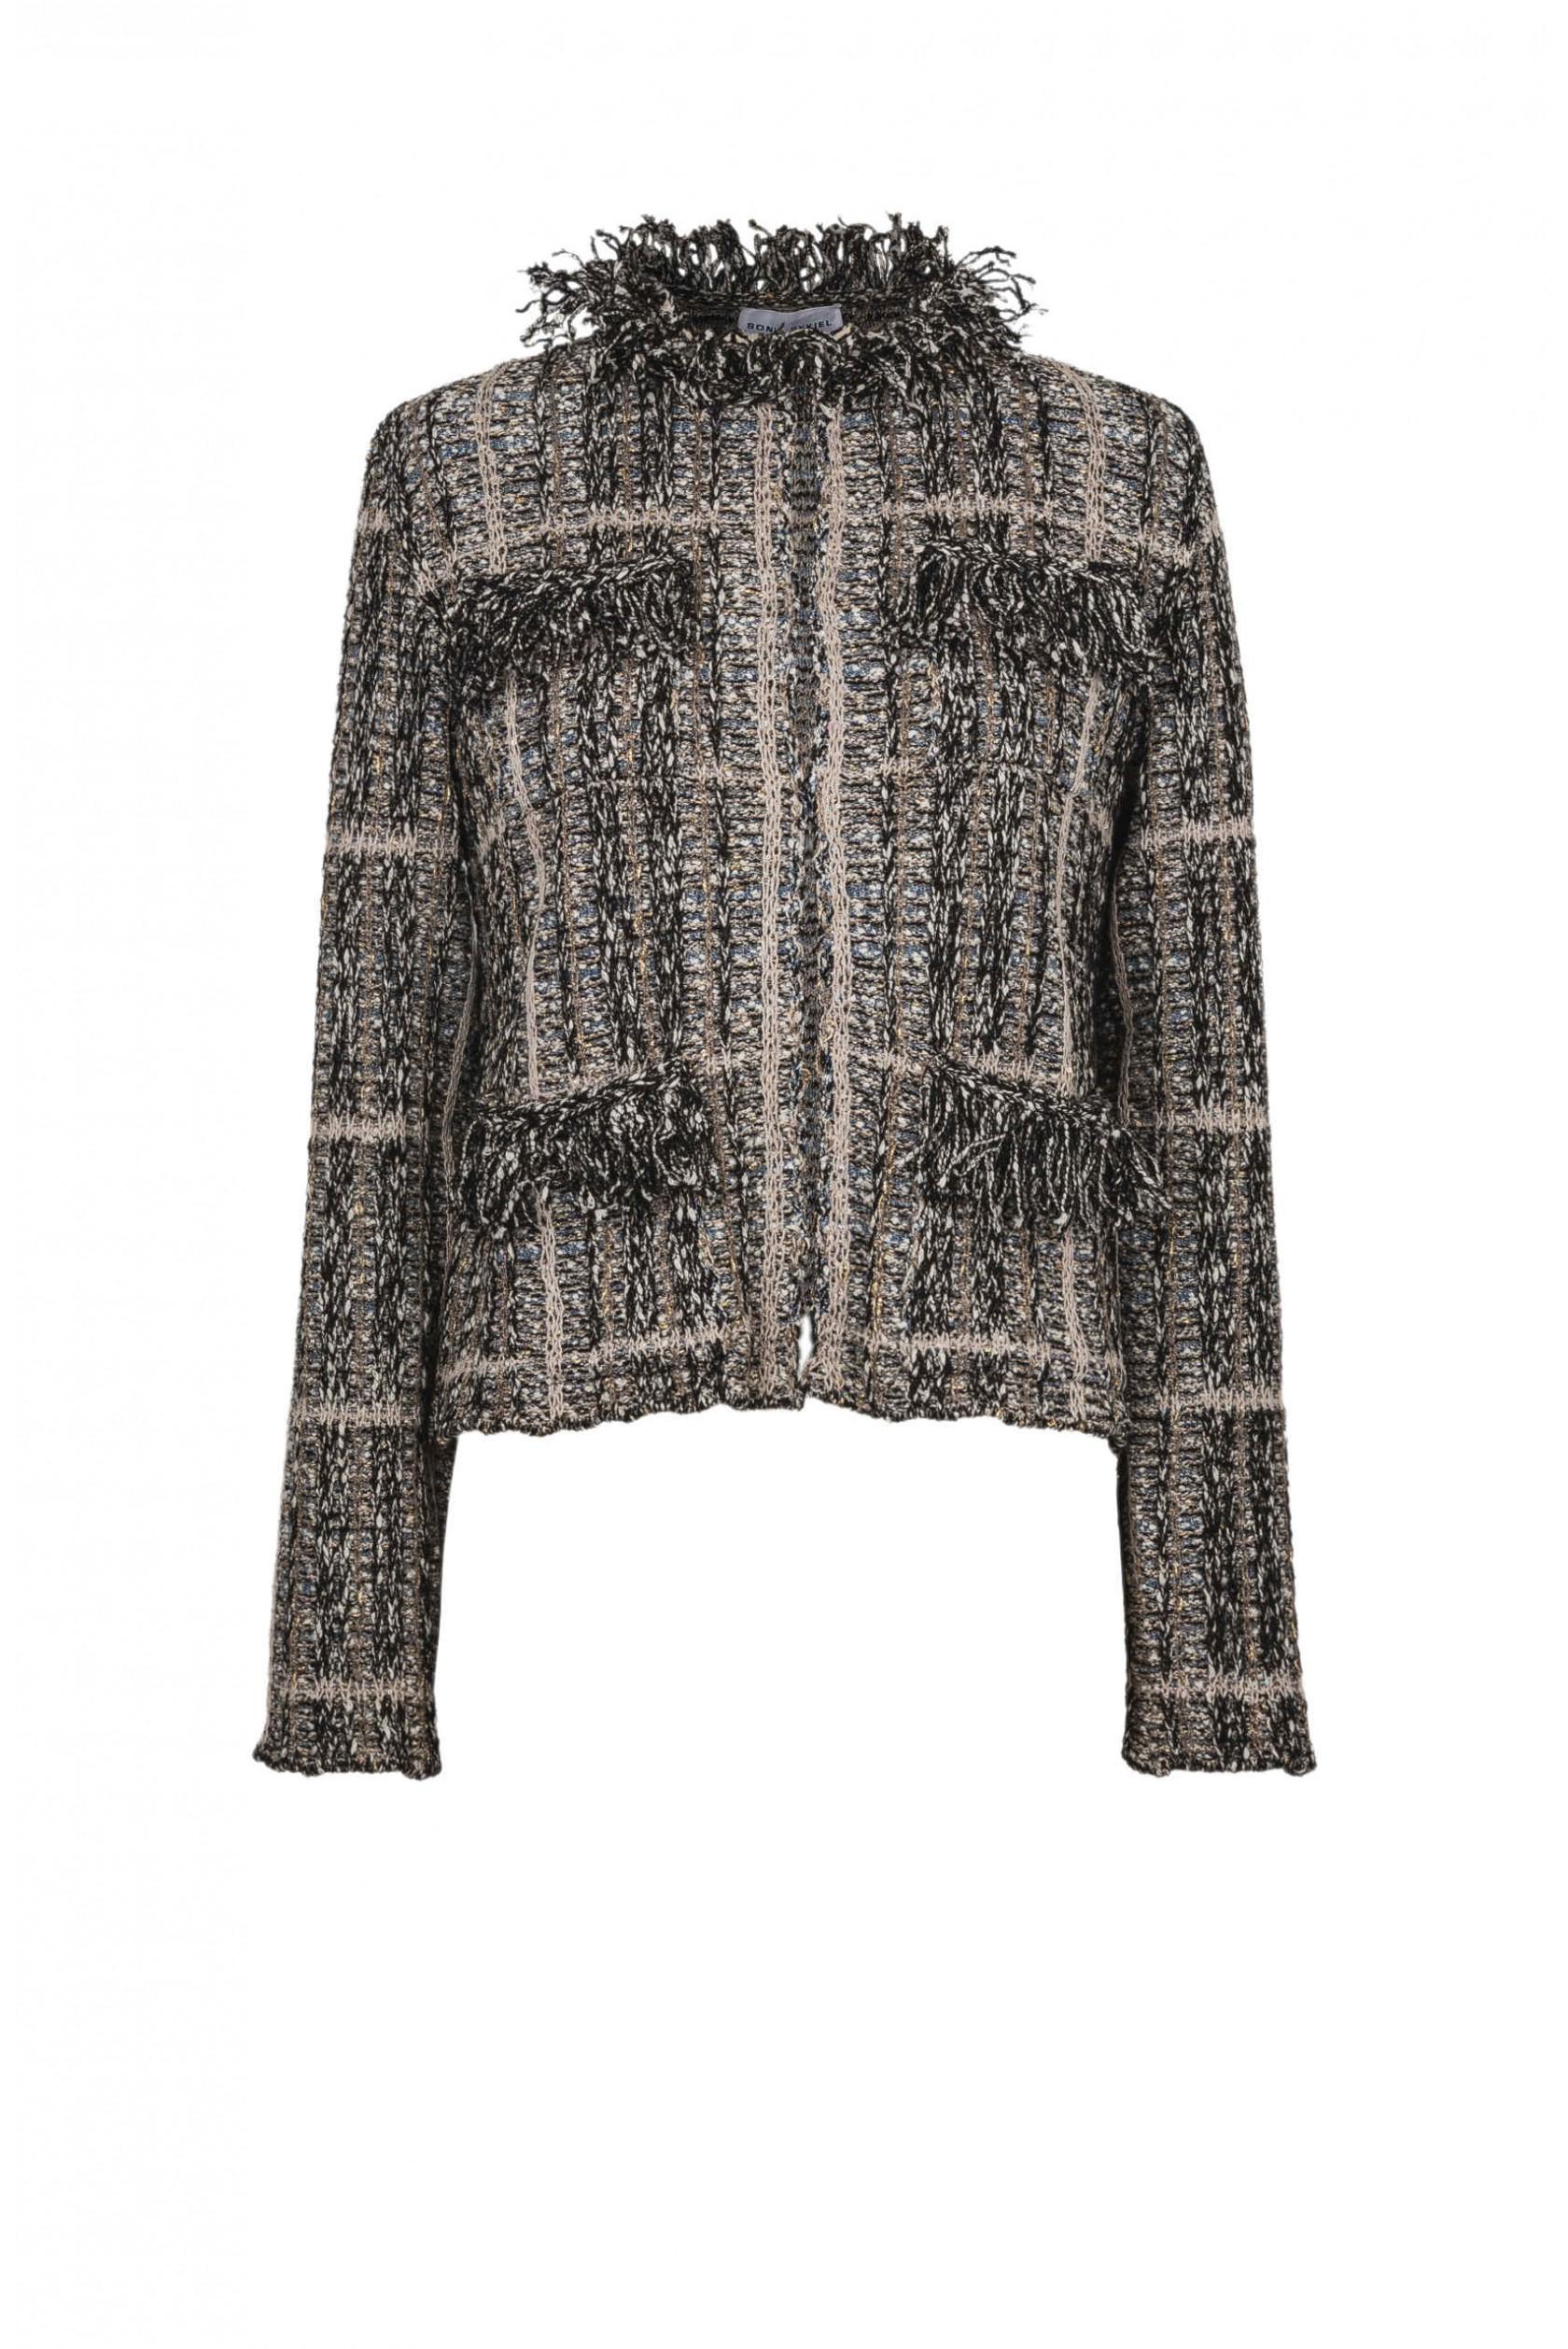 cfadbf74c02 Lyst - Sonia Rykiel Summer Tweed Cropped Jacket in Natural